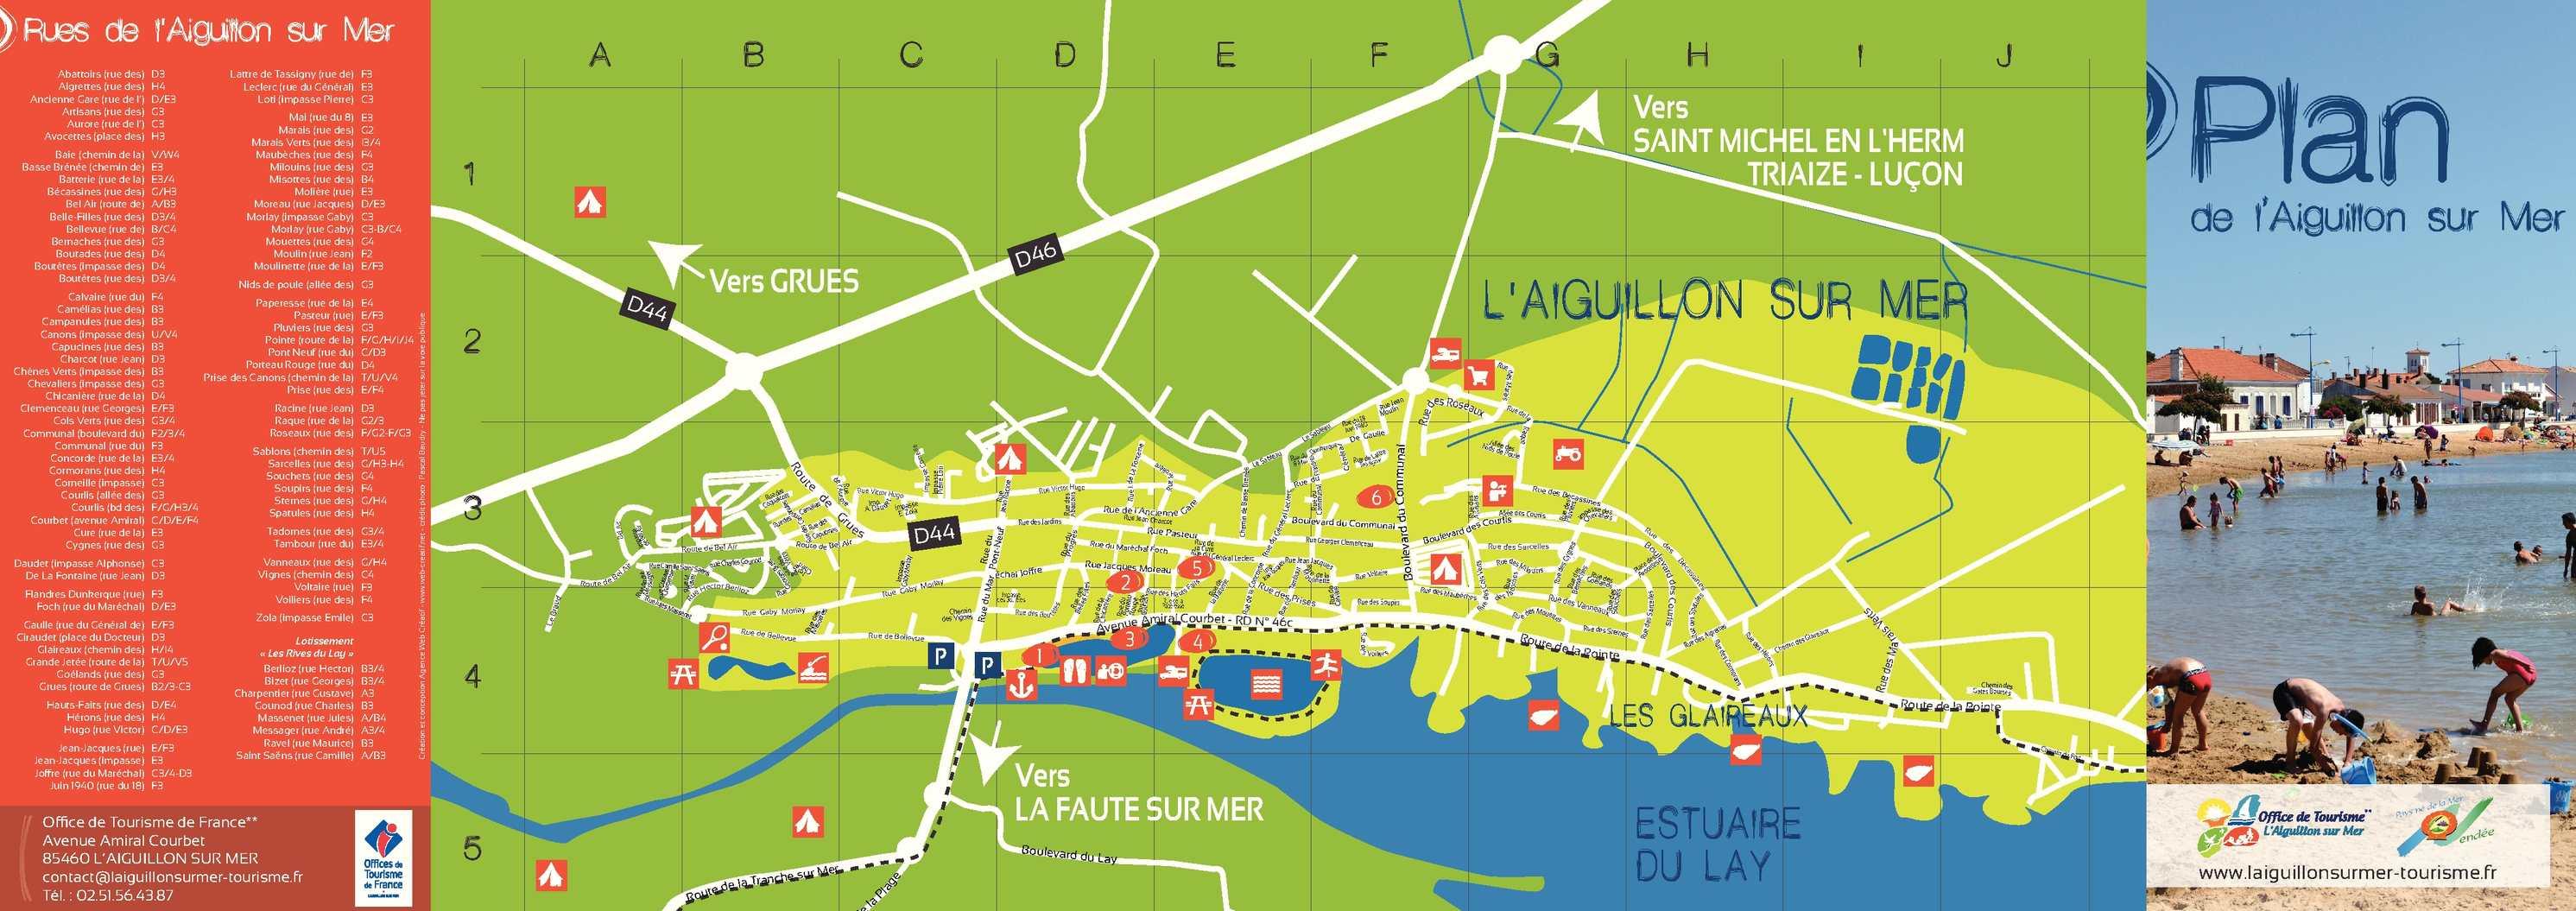 Calam o plan de l 39 aiguillon sur mer vend e 2014 - Office de tourisme de l aiguillon sur mer ...